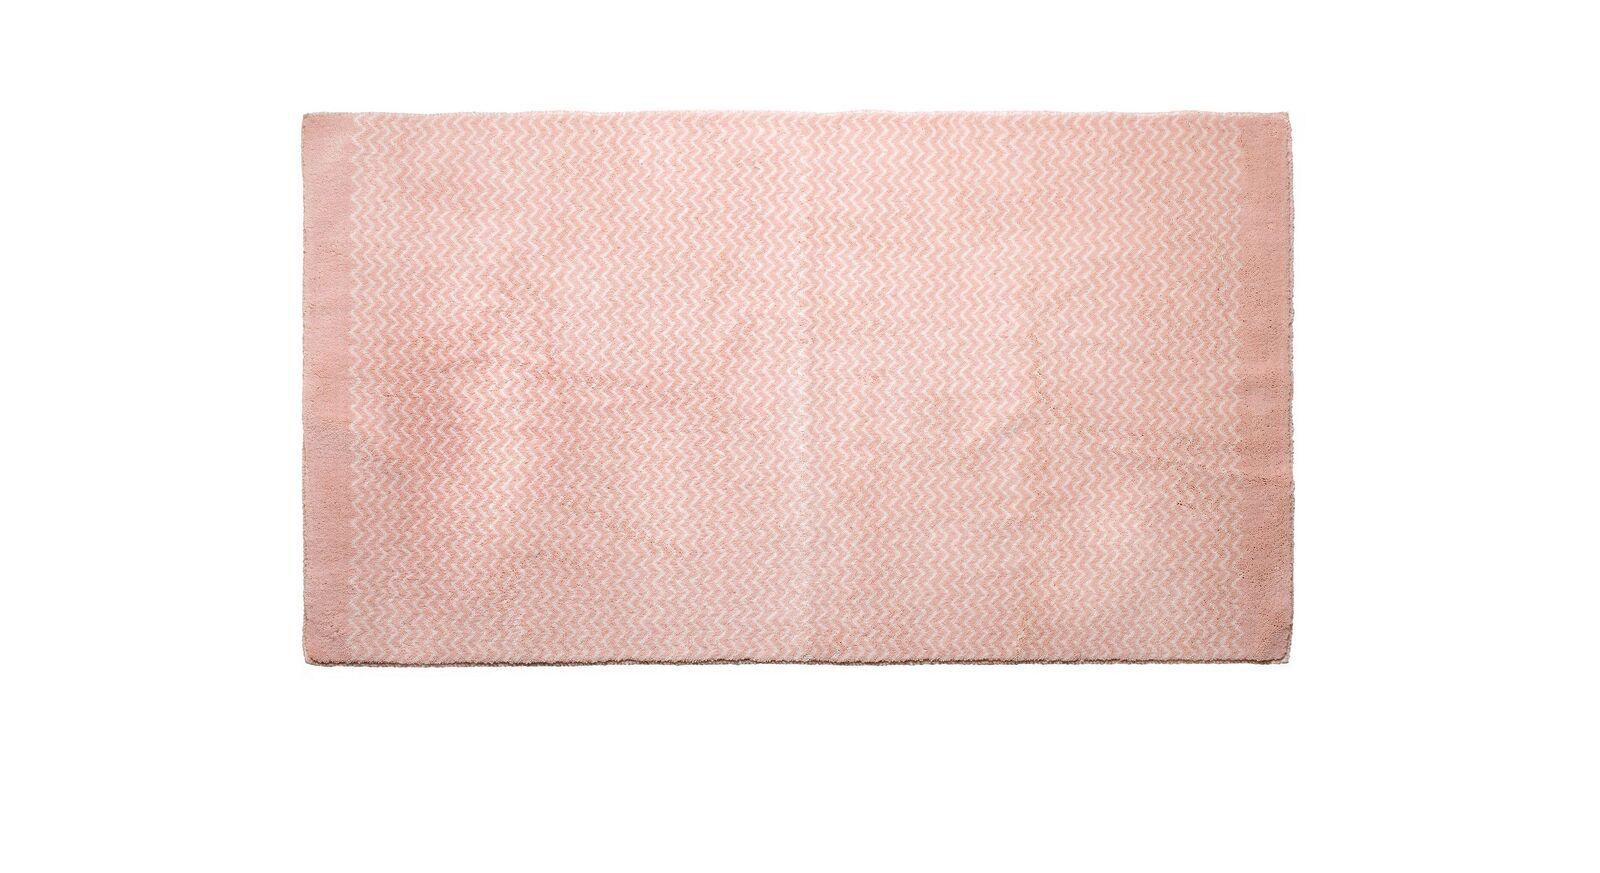 Rosafarbener LIFETIME Teppich Zigzag für Mädchenzimmer